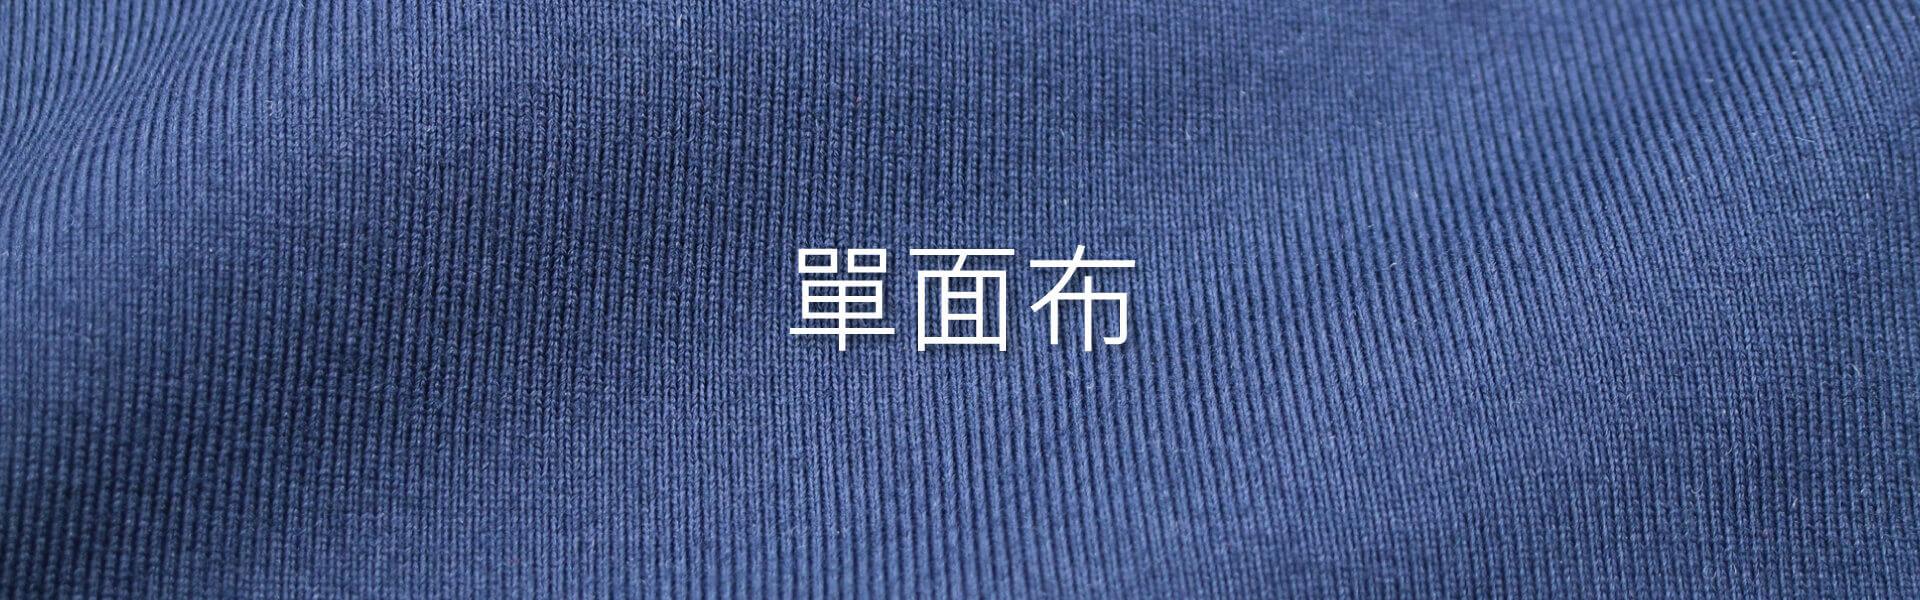 single-jersey-zh